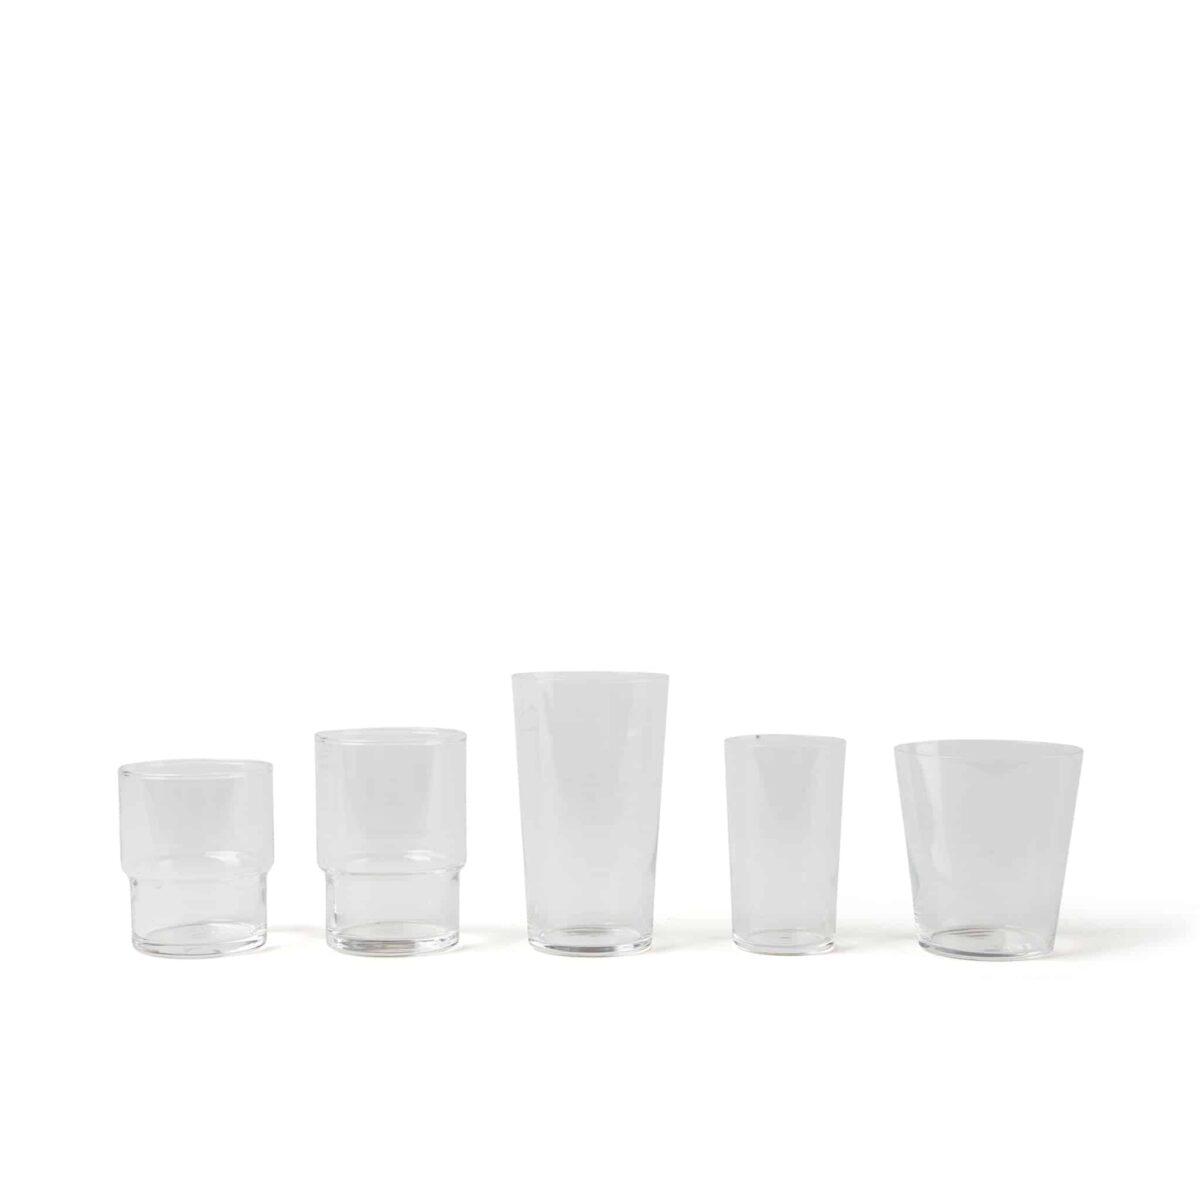 tokoyo-sasaki-usurai-crane-glasses